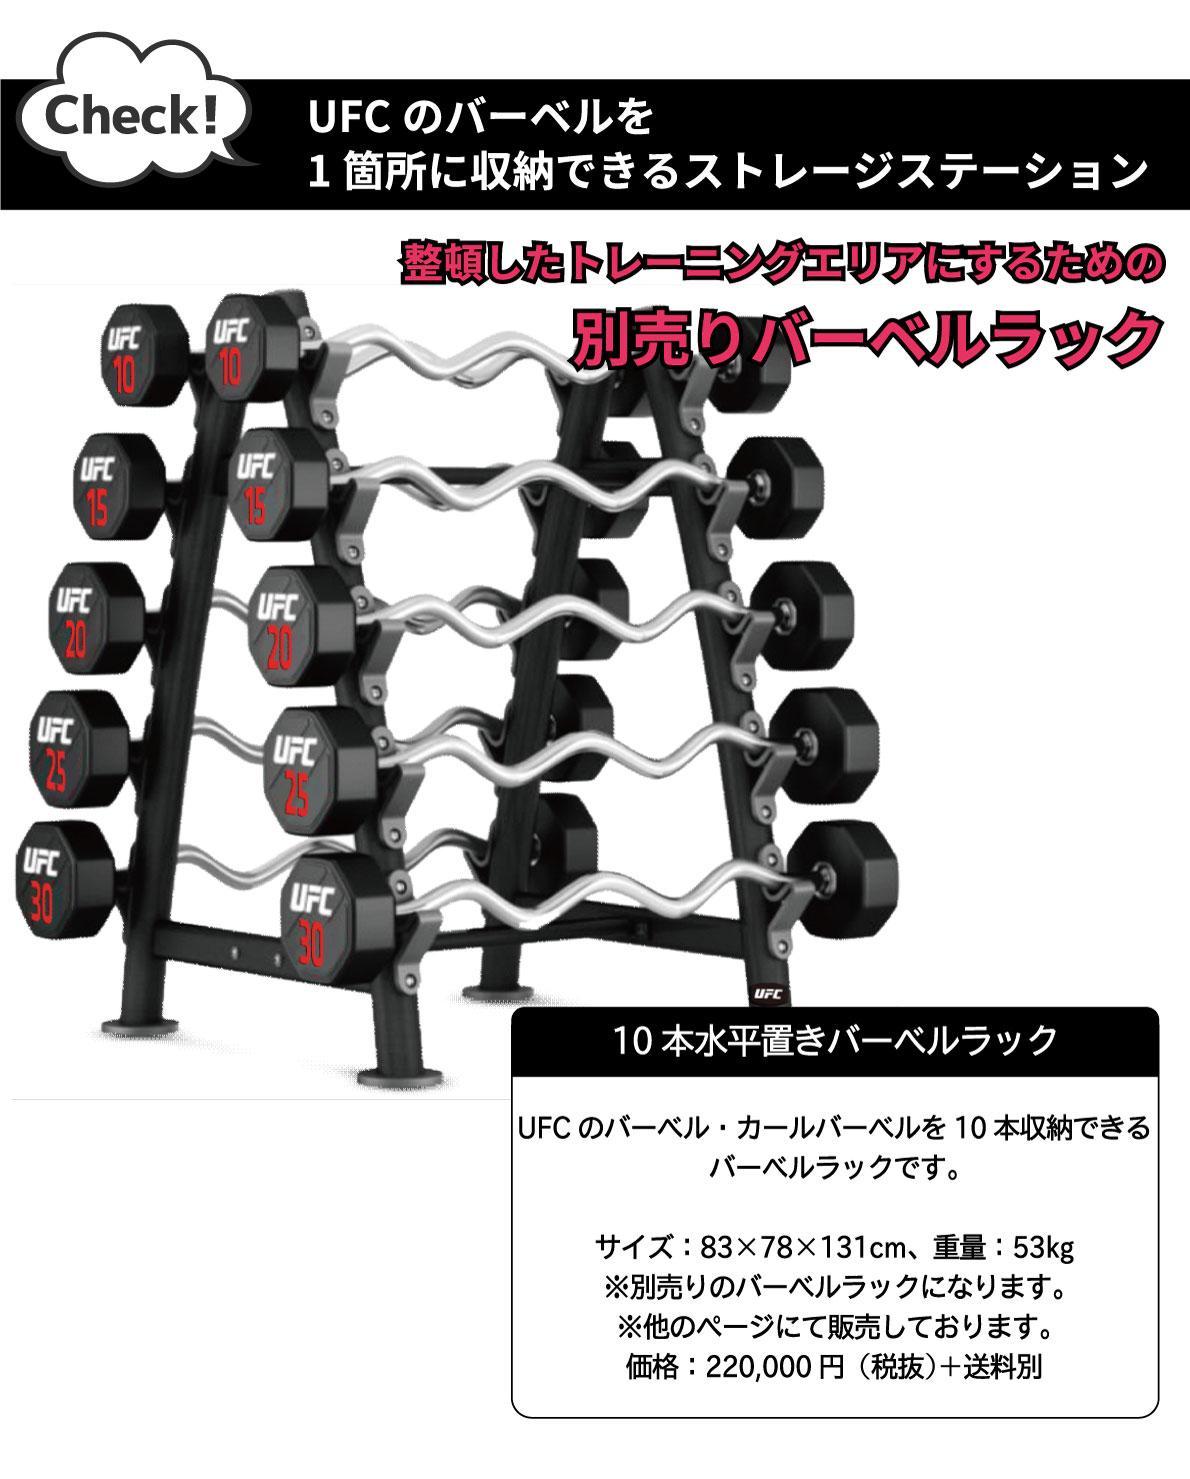 ウレタンバーベルの10本セット(10kg-45kg)〈業務用〉《総合格闘技UFCオフィシャル》